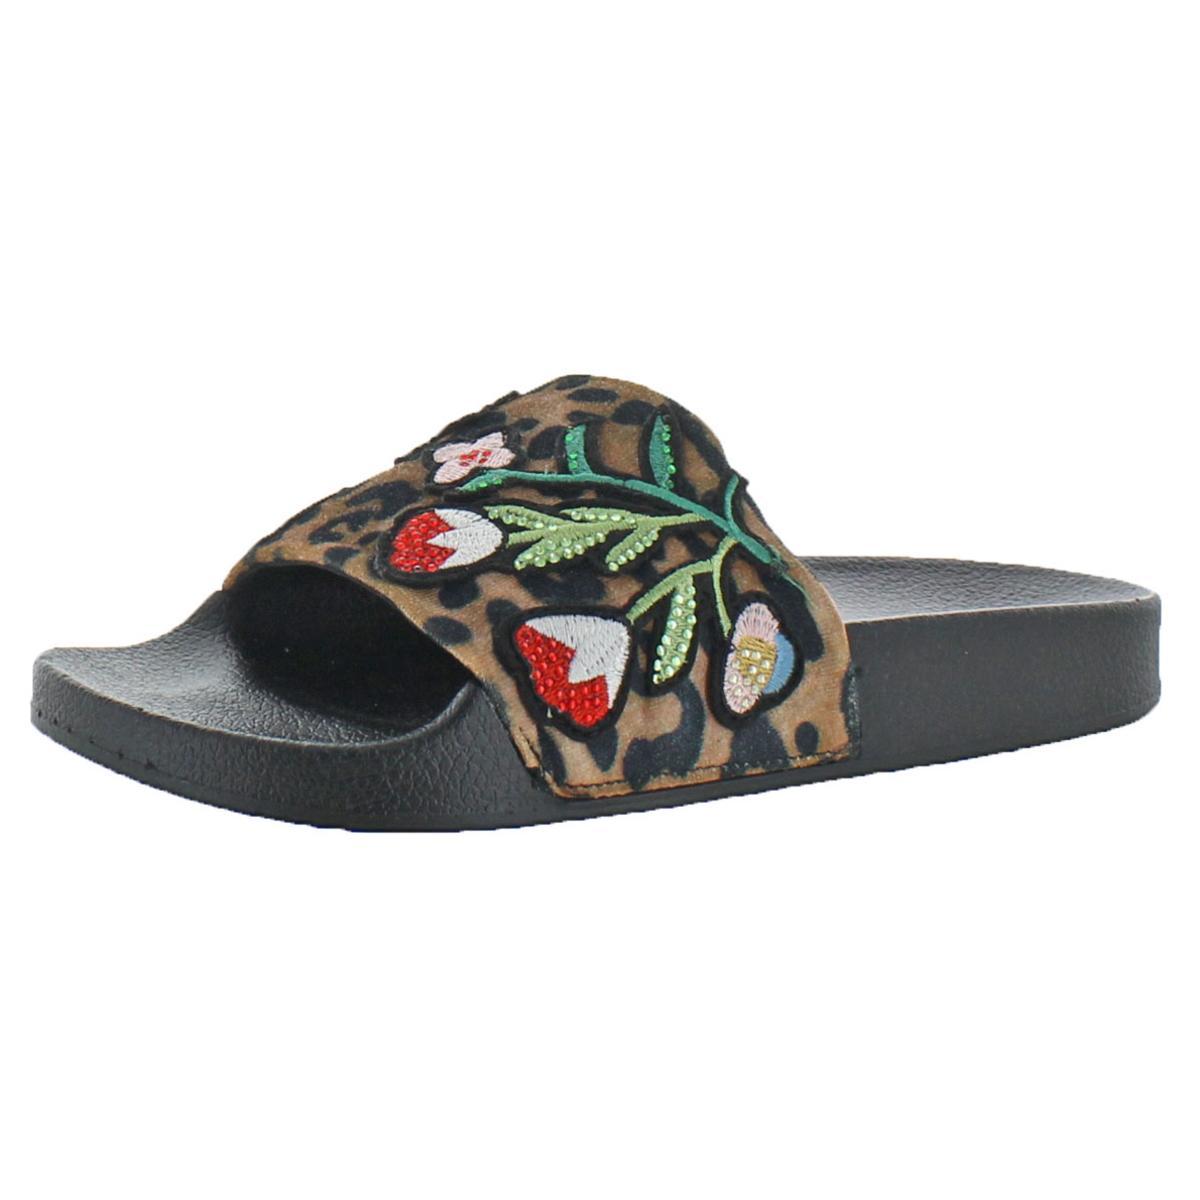 93b435aba28 Details about Steve Madden Patches Women s Velvet Leopard Embellished Slide  Sandals Shoes